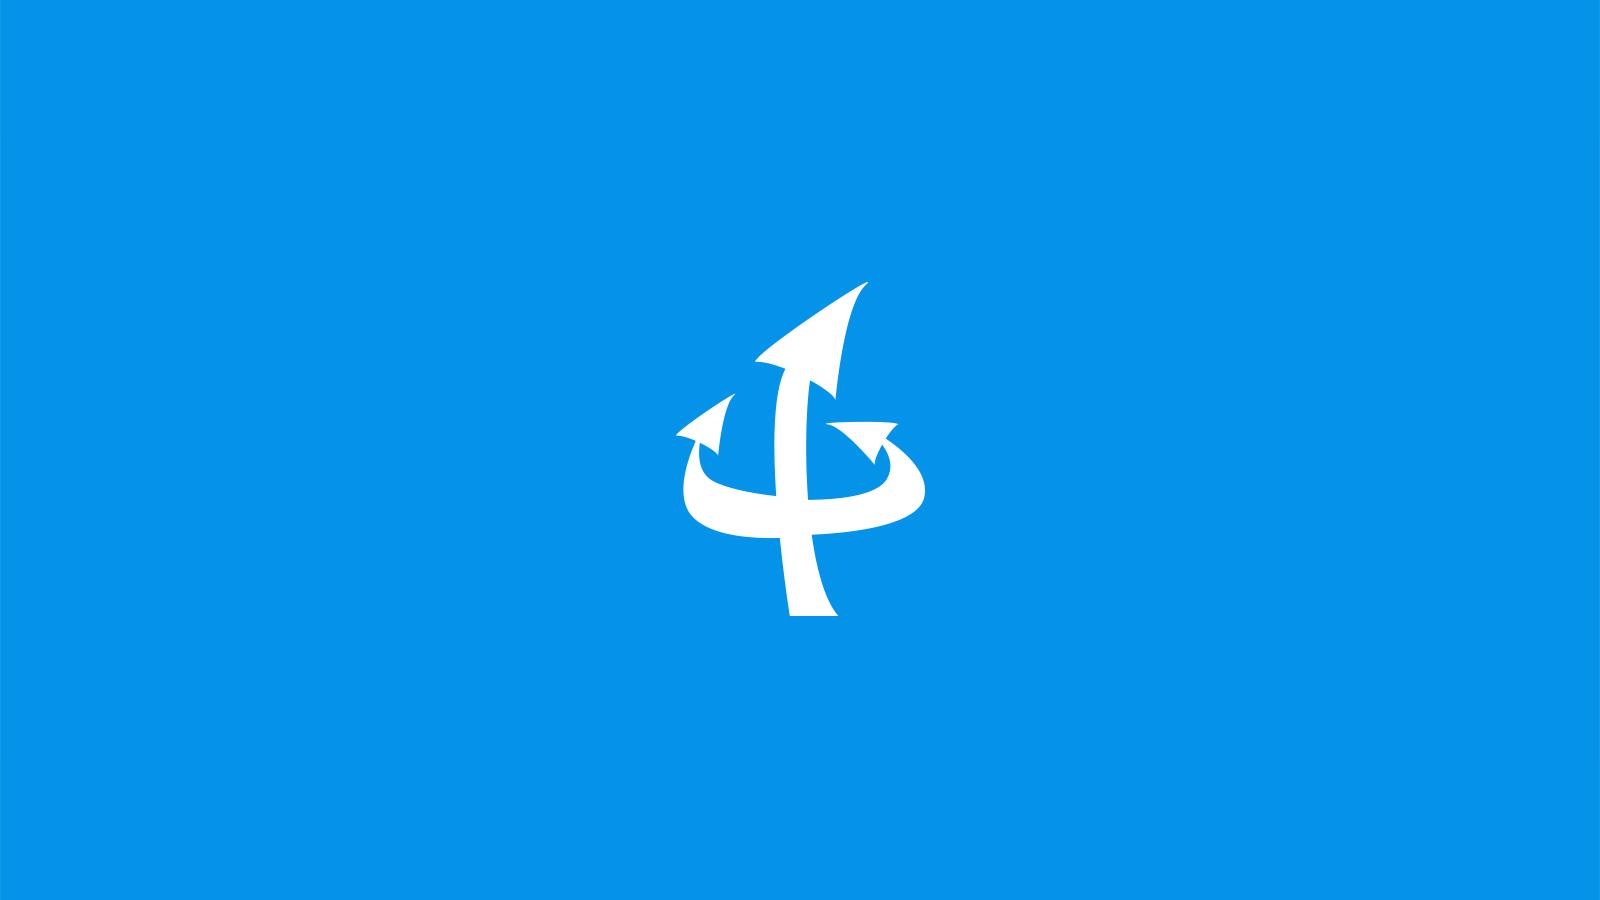 Logo design fishing app עיצוב לוגו אפליקציית דייג